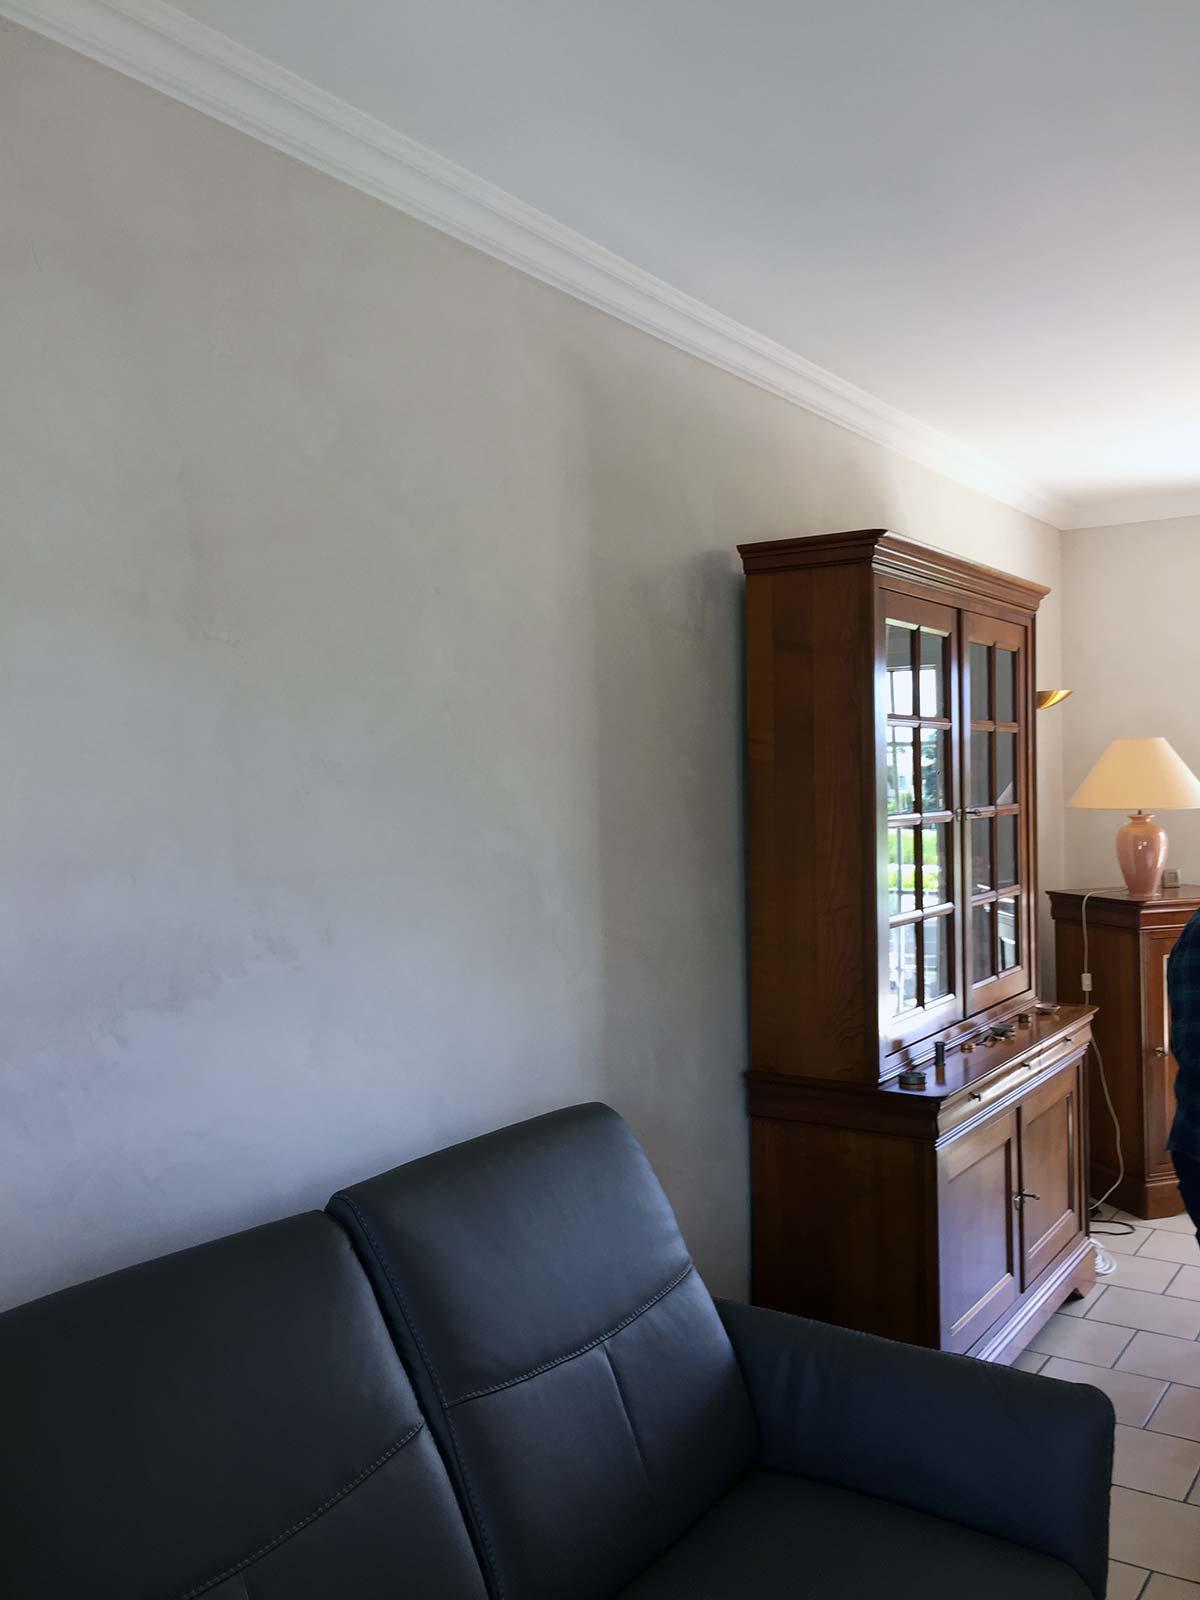 pose enduit chaux chambray37 duchesne d cors peintre d corateur tours 37. Black Bedroom Furniture Sets. Home Design Ideas